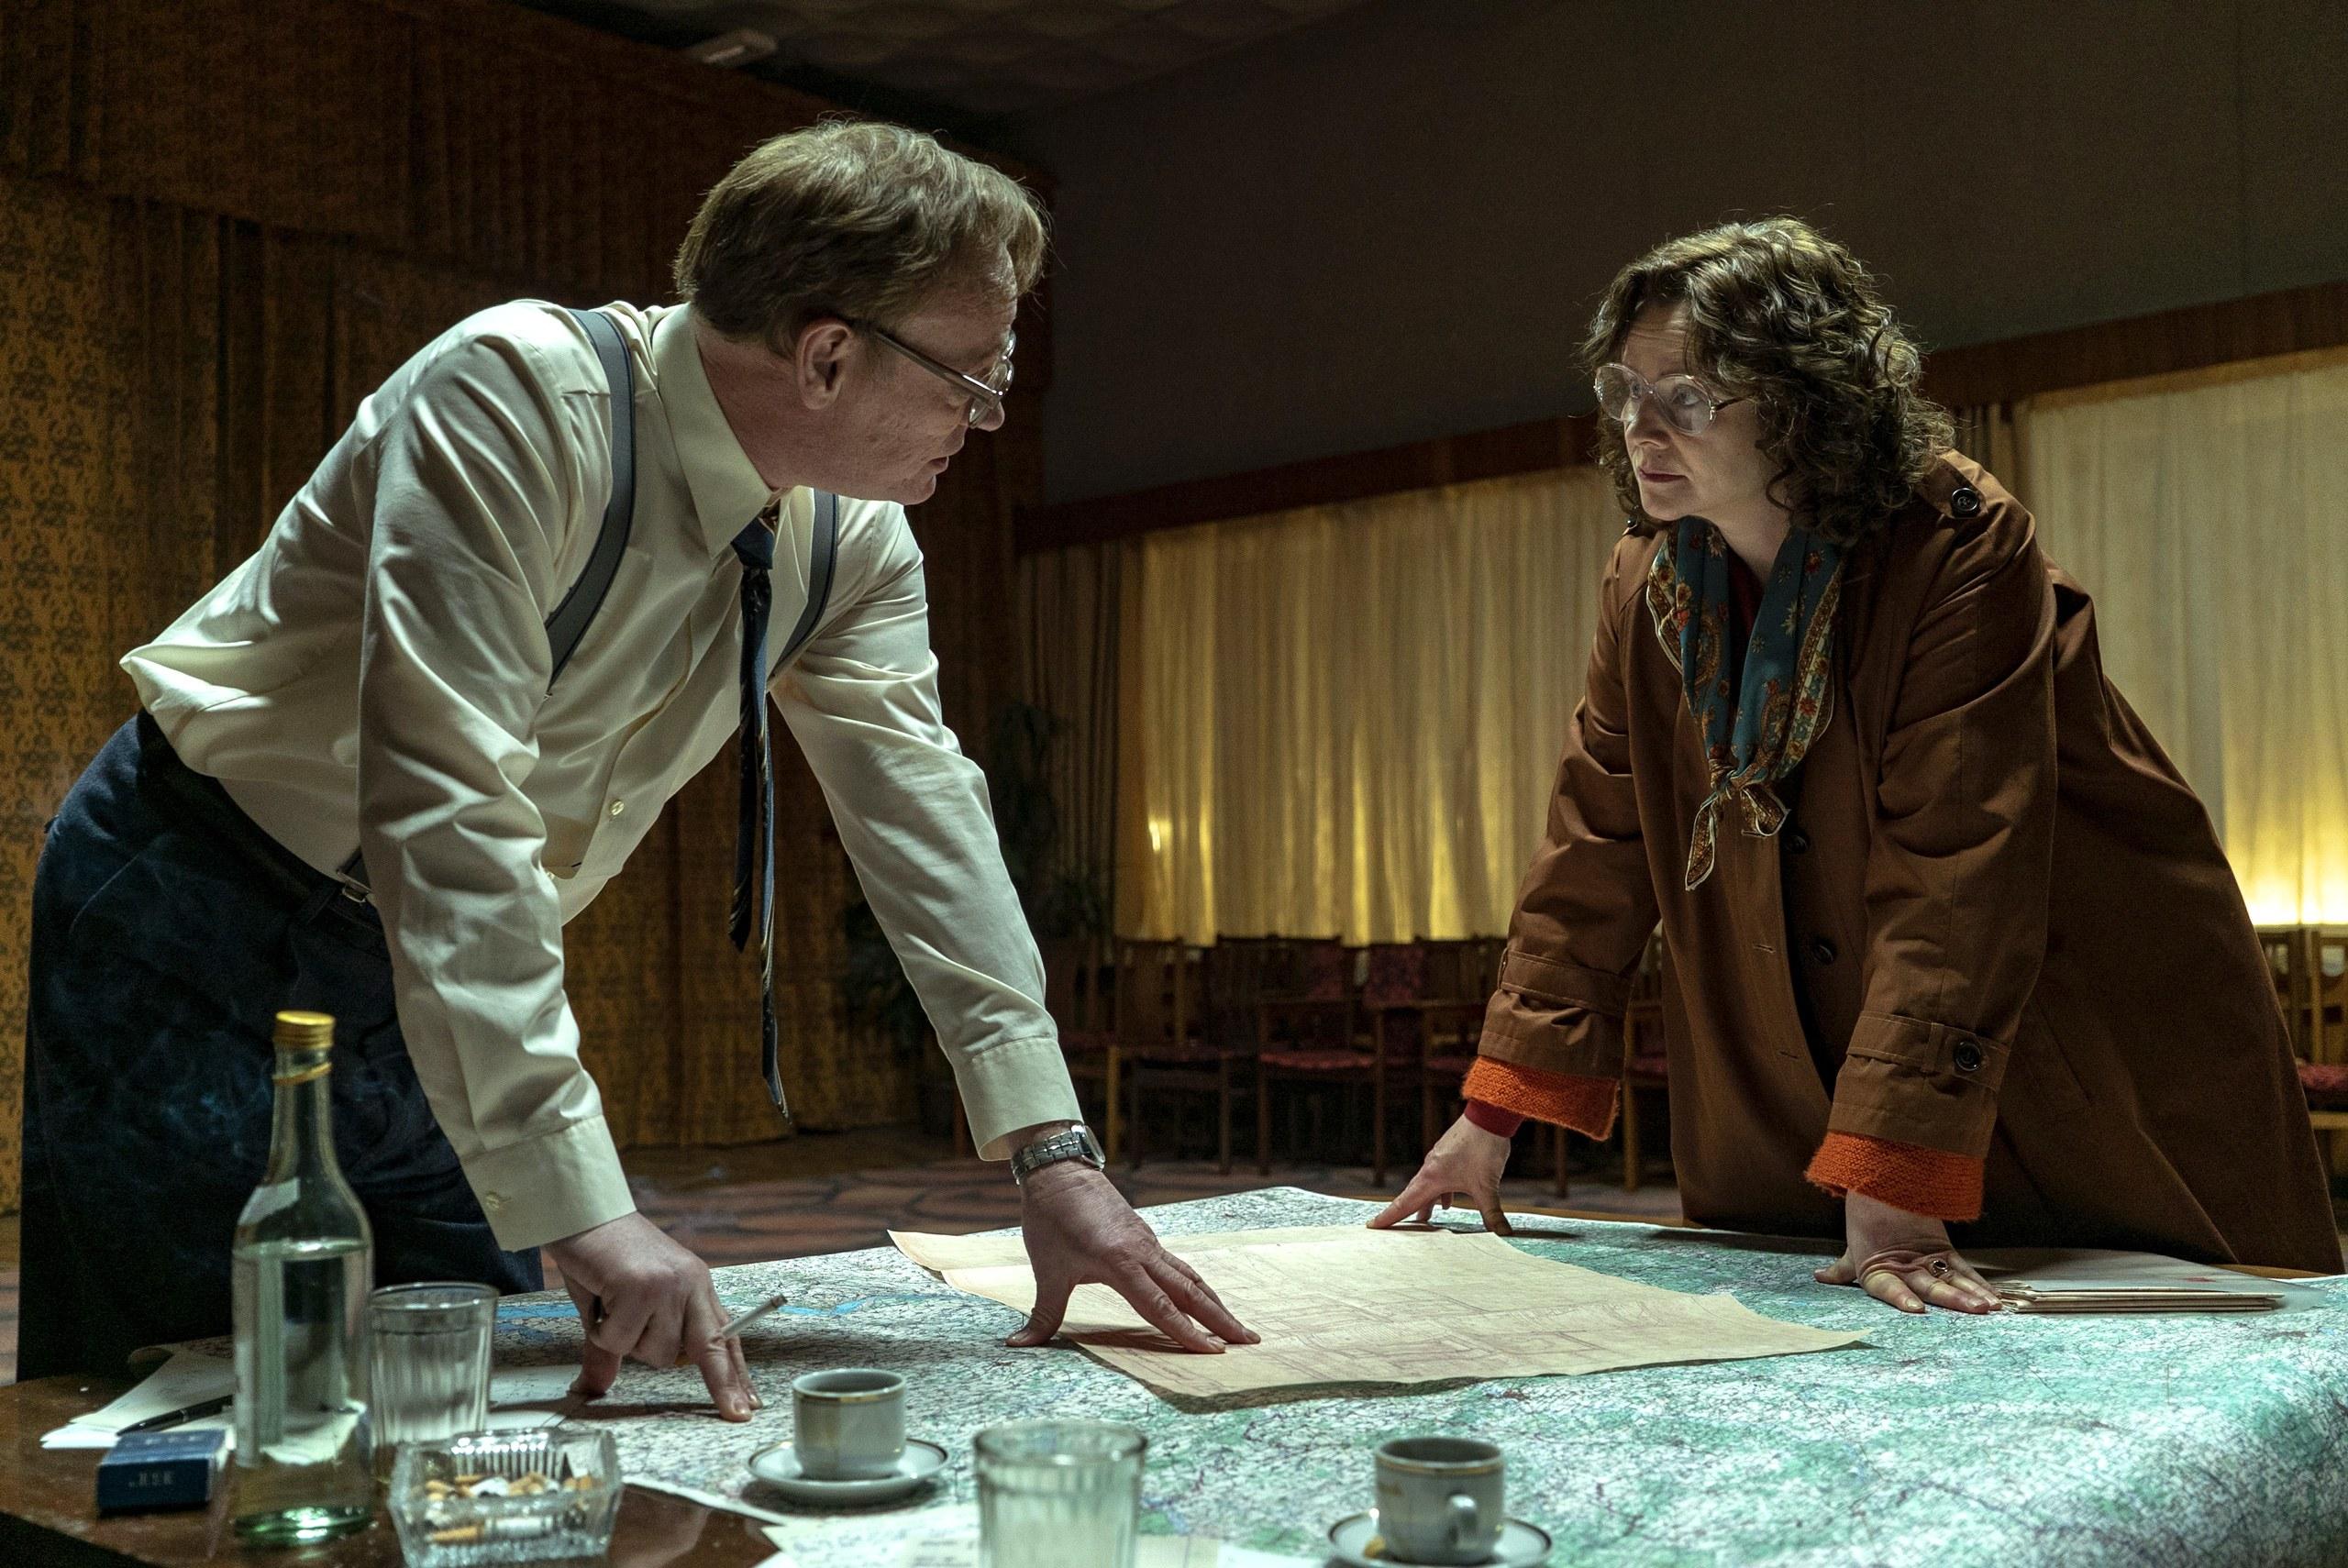 کدام بخش سریال «چرنوبیل» دروغ بود؟/ هدف هالیوود از ساخت سریالی درباره «نیروگاه هستهای» چیست؟